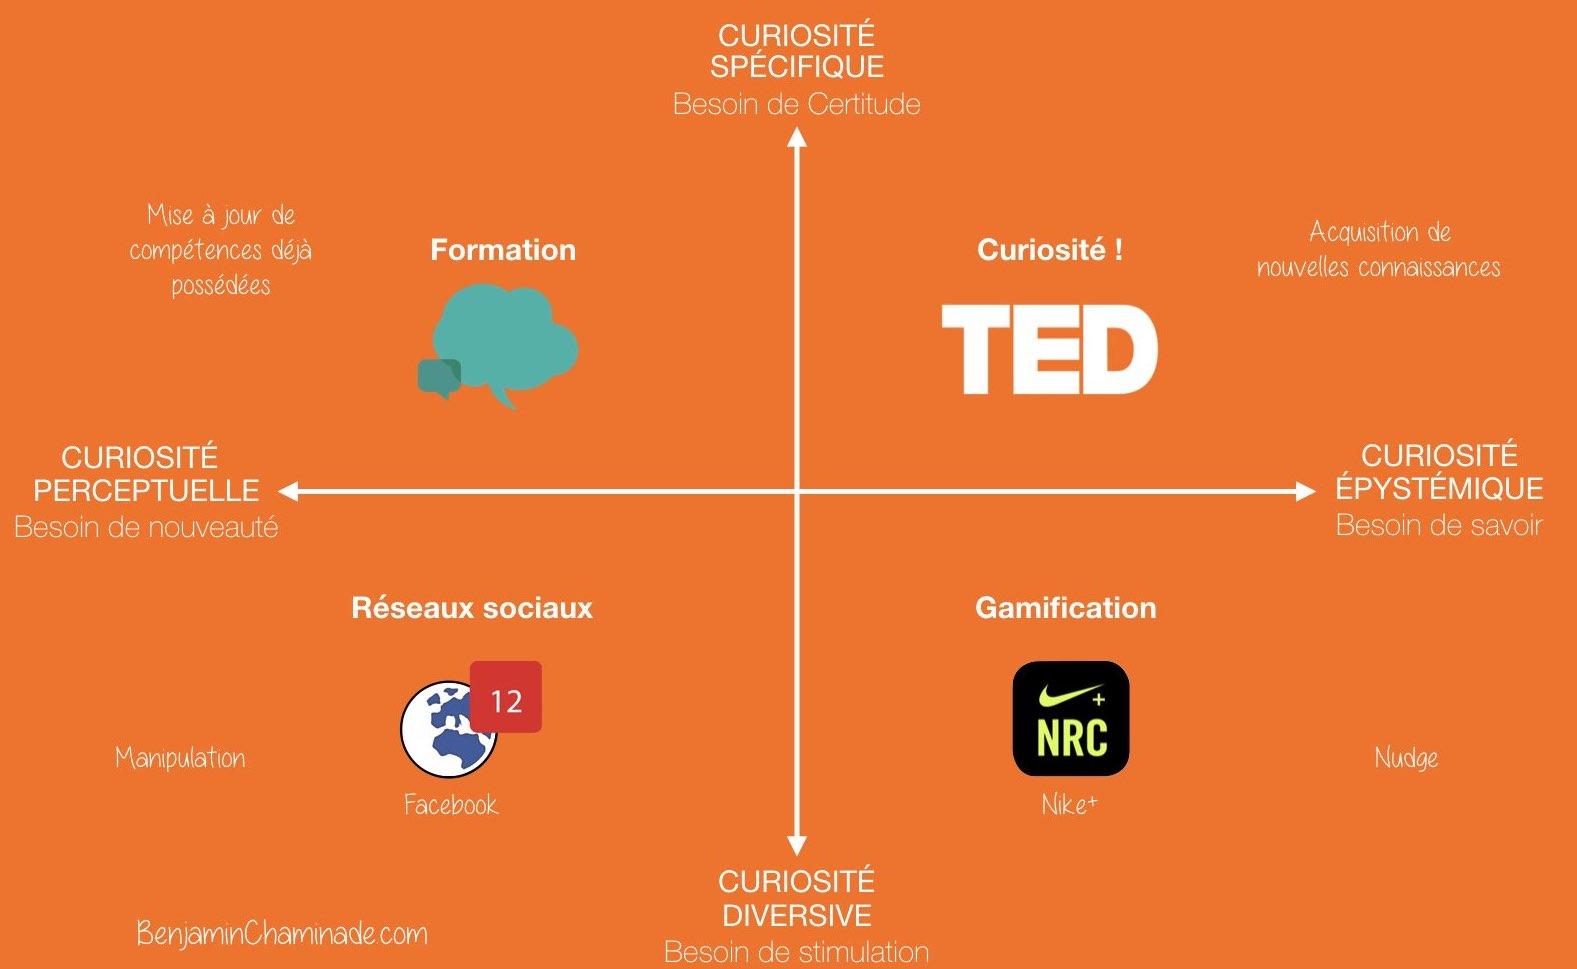 Management de la curiosité en entreprise